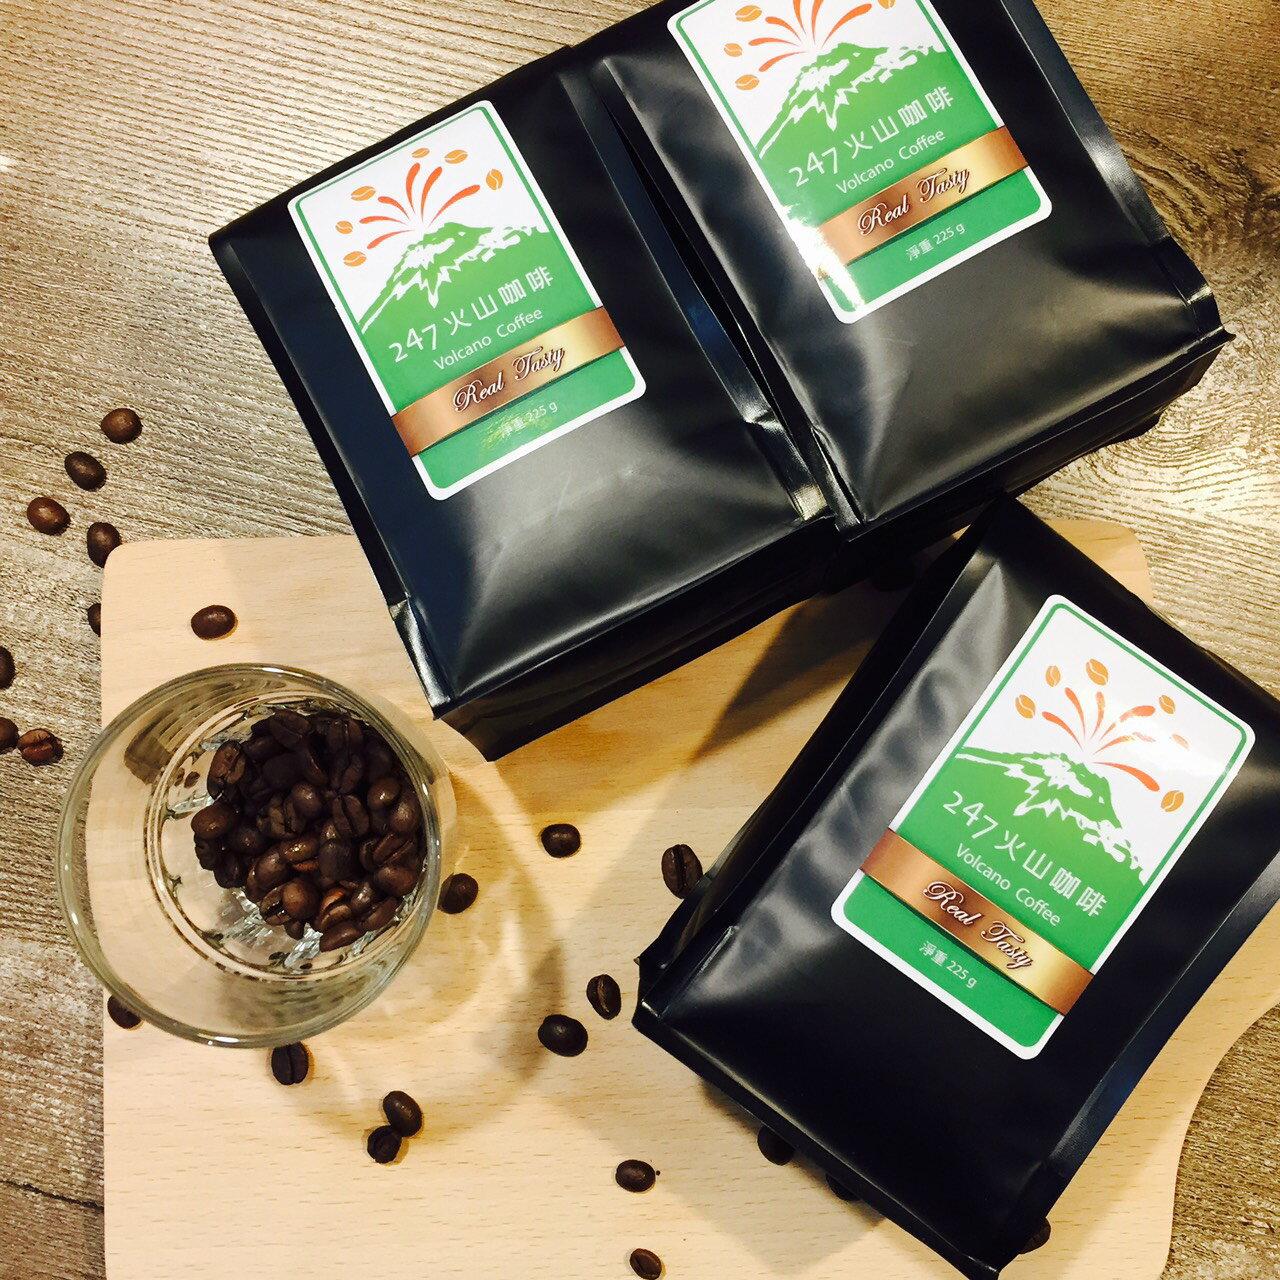 【247火山咖啡】西達摩 咖啡豆 225公克(半磅) 淺烘焙 | 淡雅的發酵水果香、烤榛果甜、黑巧克力